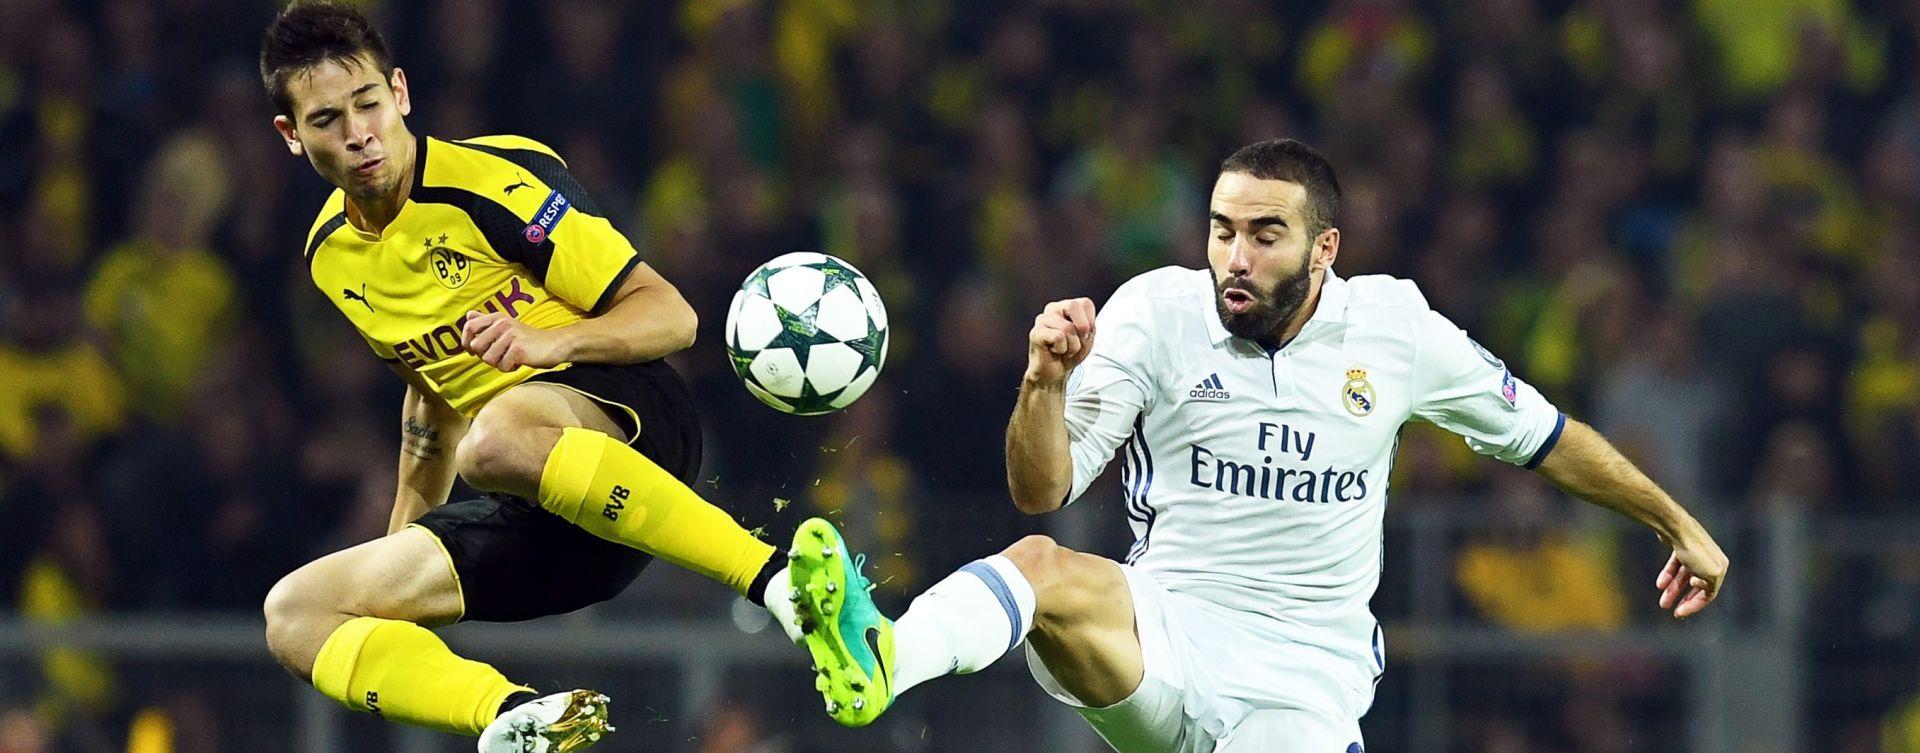 Liga prvaka: Remi u Dortmundu, nova pobjeda Leicestera